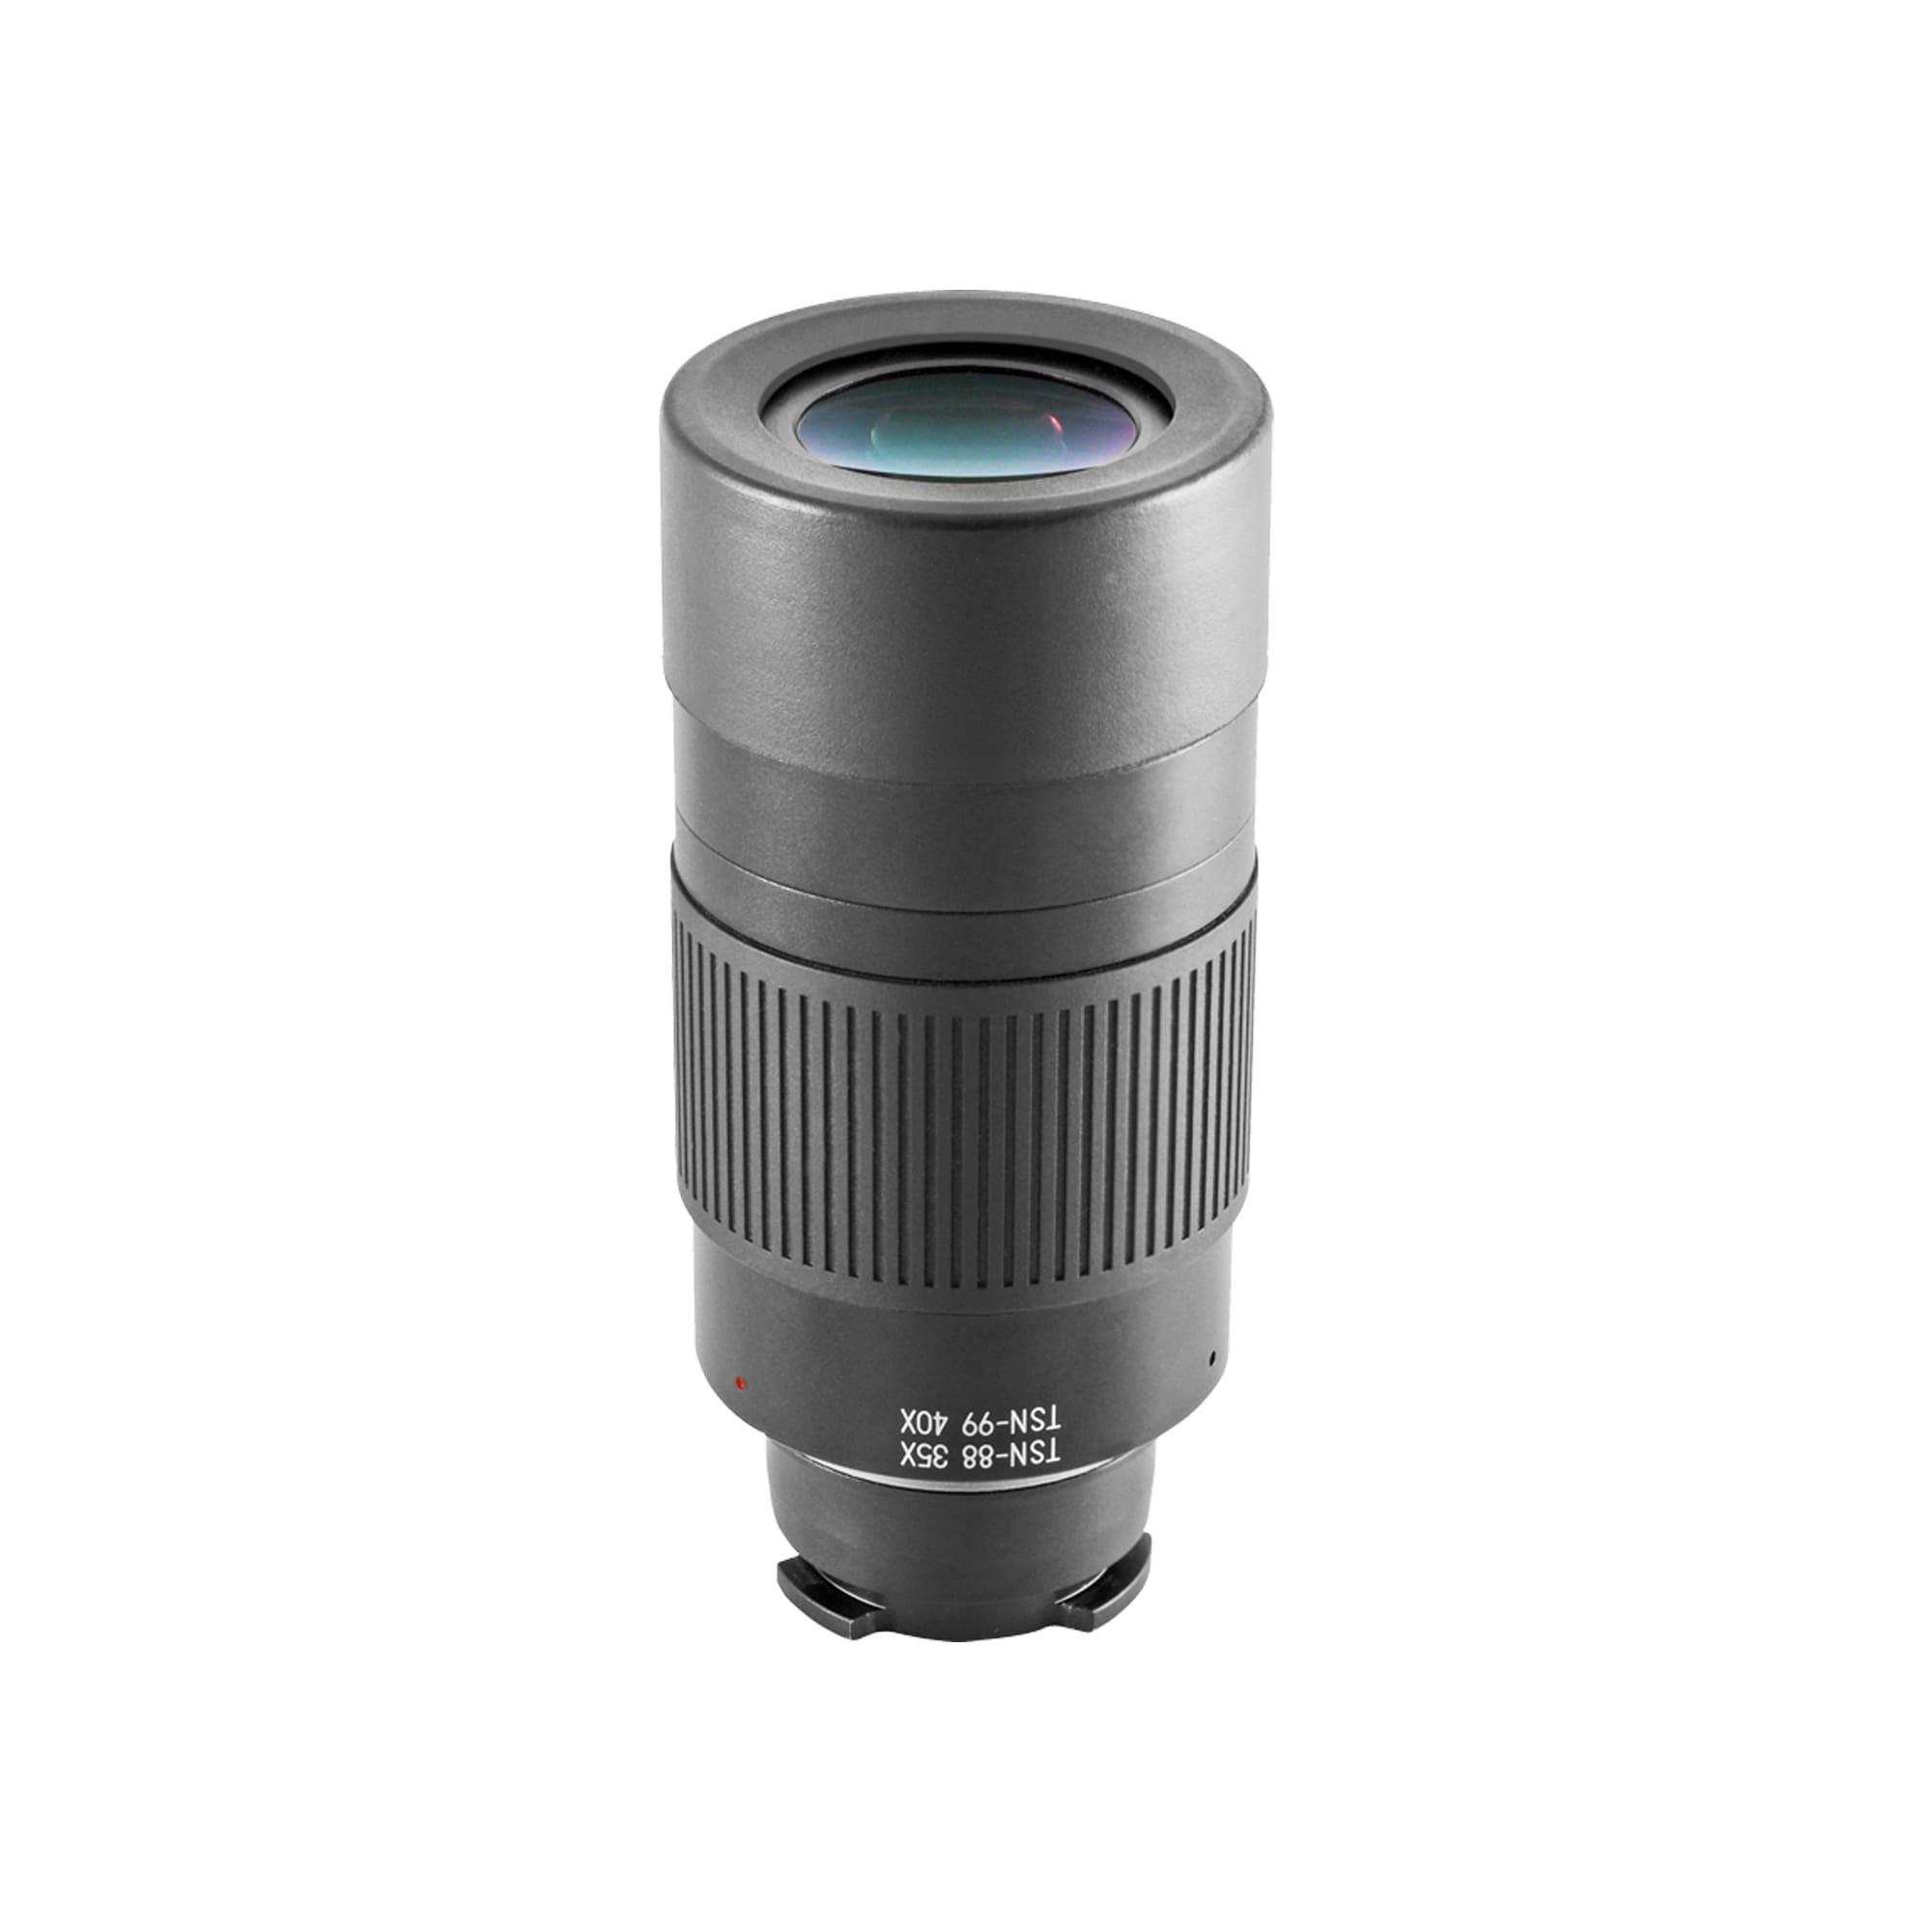 Kowa Okular 35x/40x Extreme Wide for TSN-770/880/99 Serie